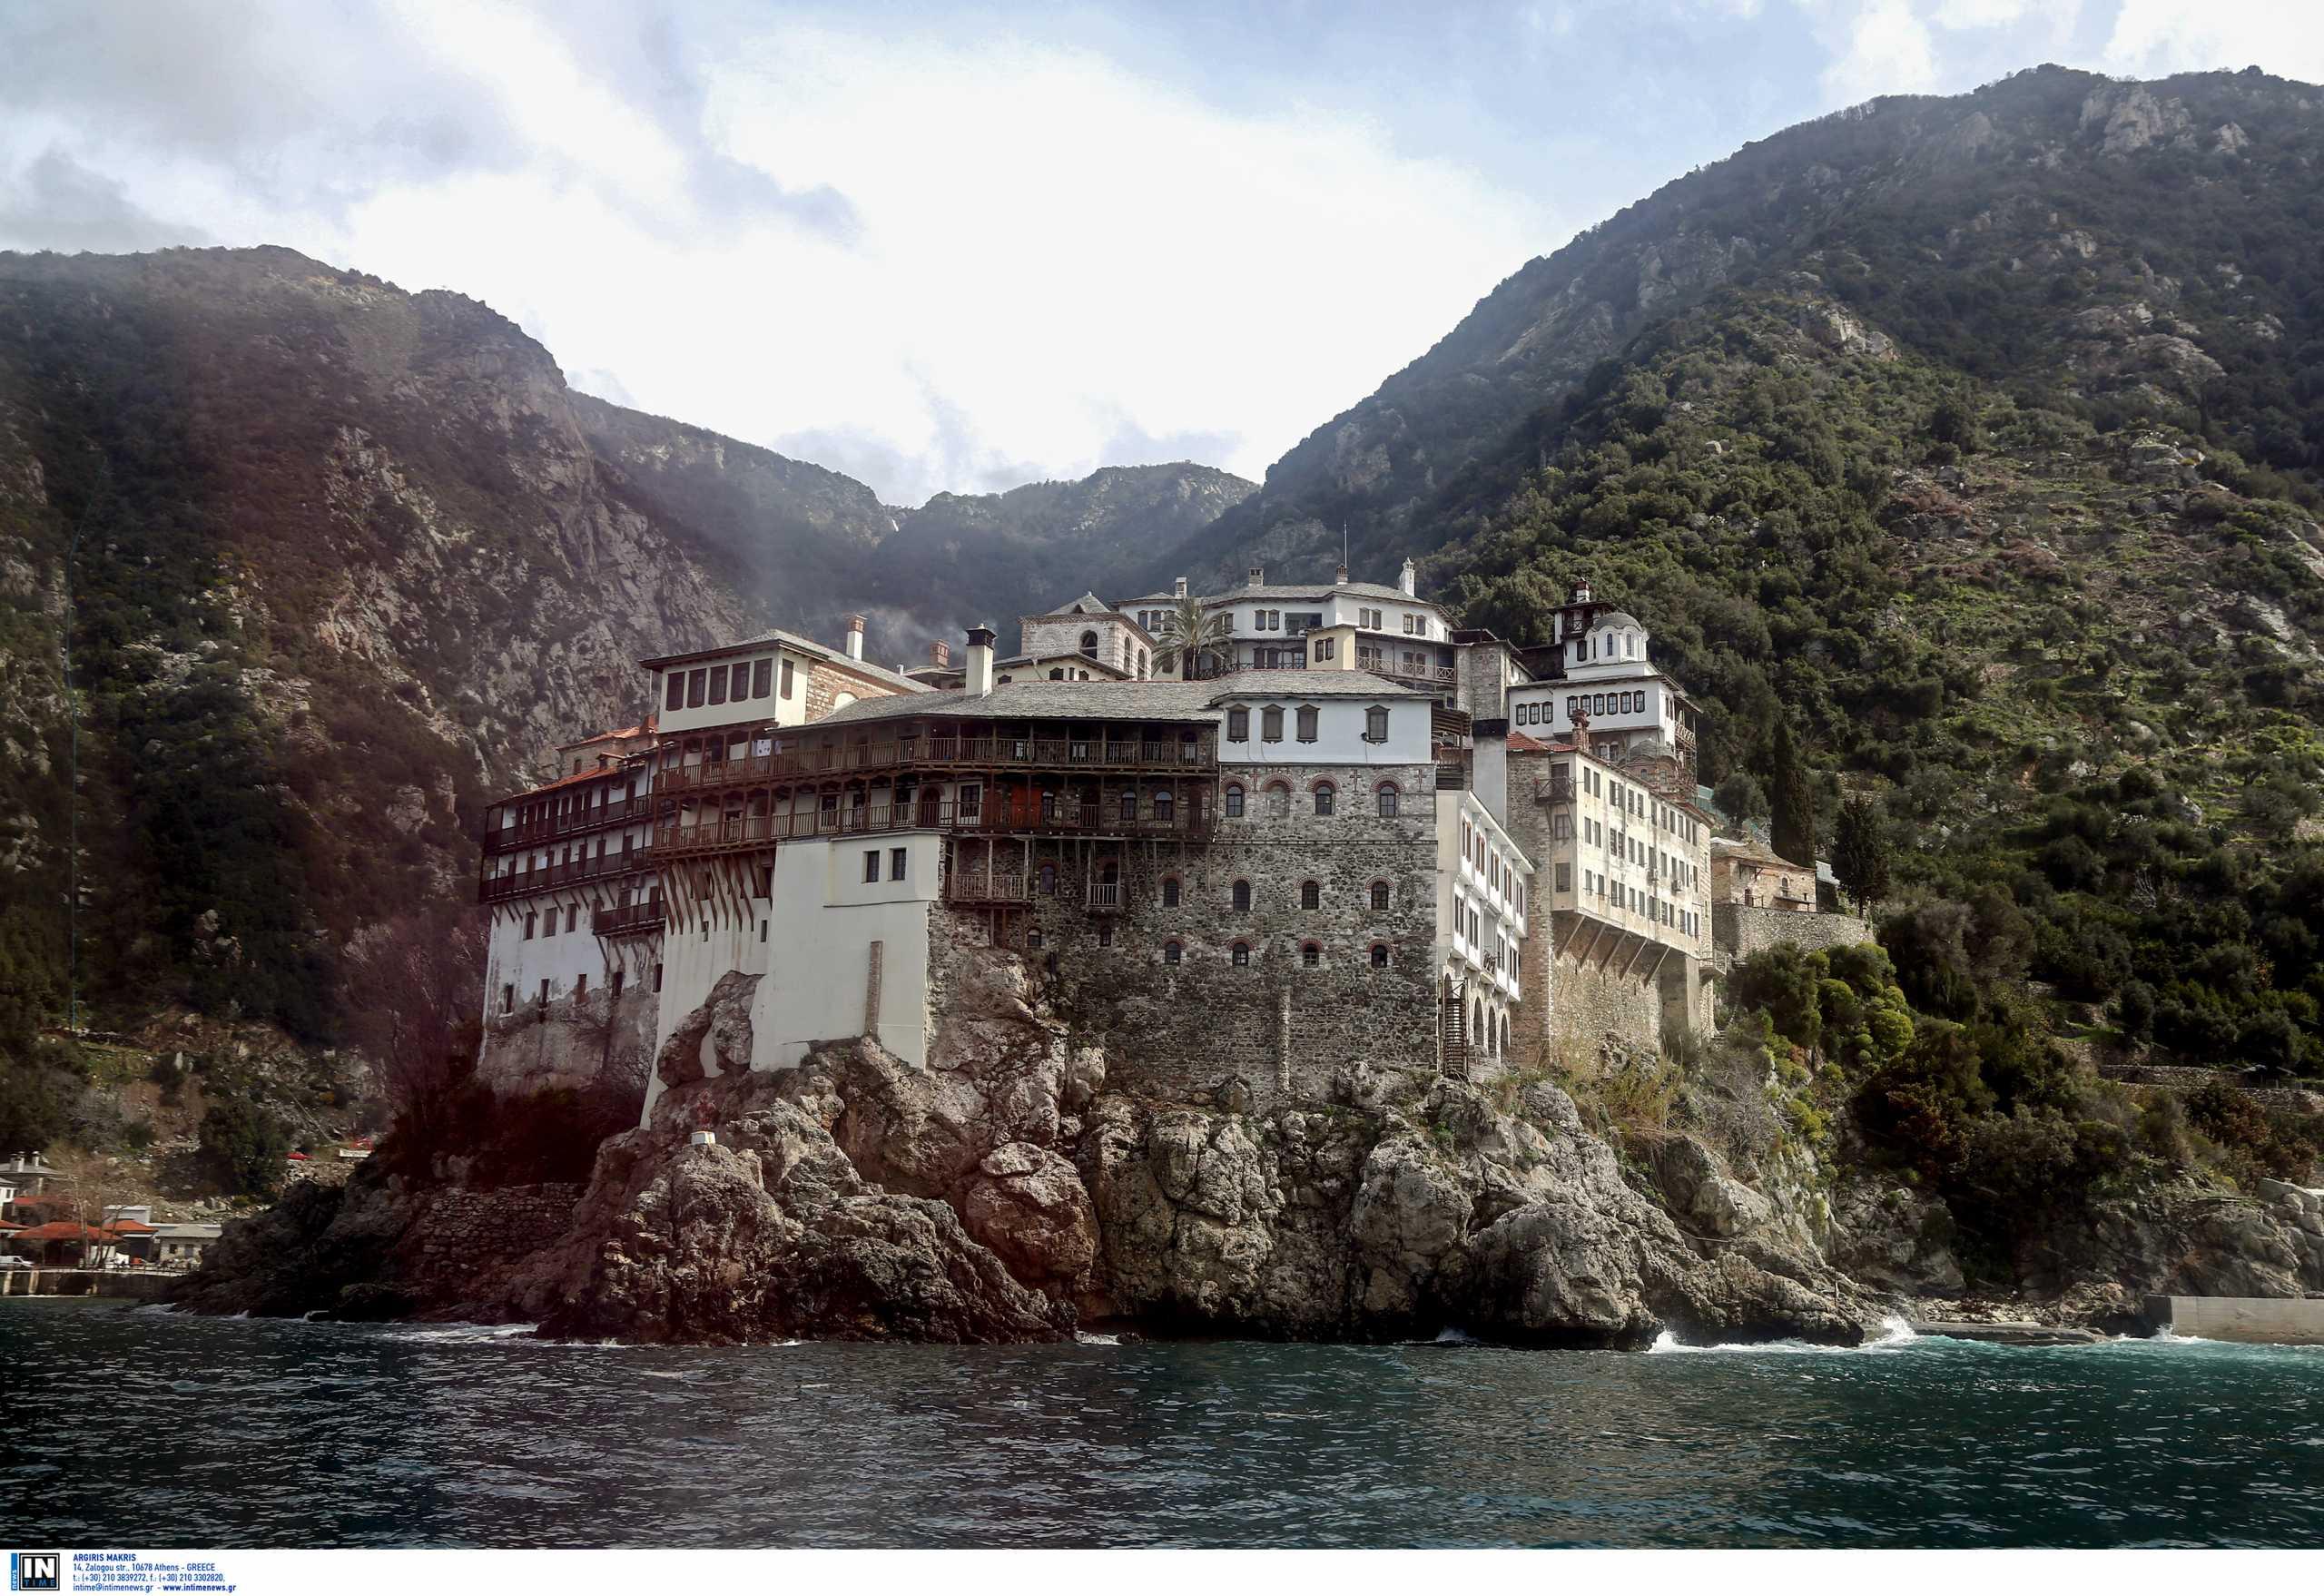 Άγιο Όρος: Παρατείνεται η απαγόρευση επισκέψεων μέχρι τις 10 Μαΐου